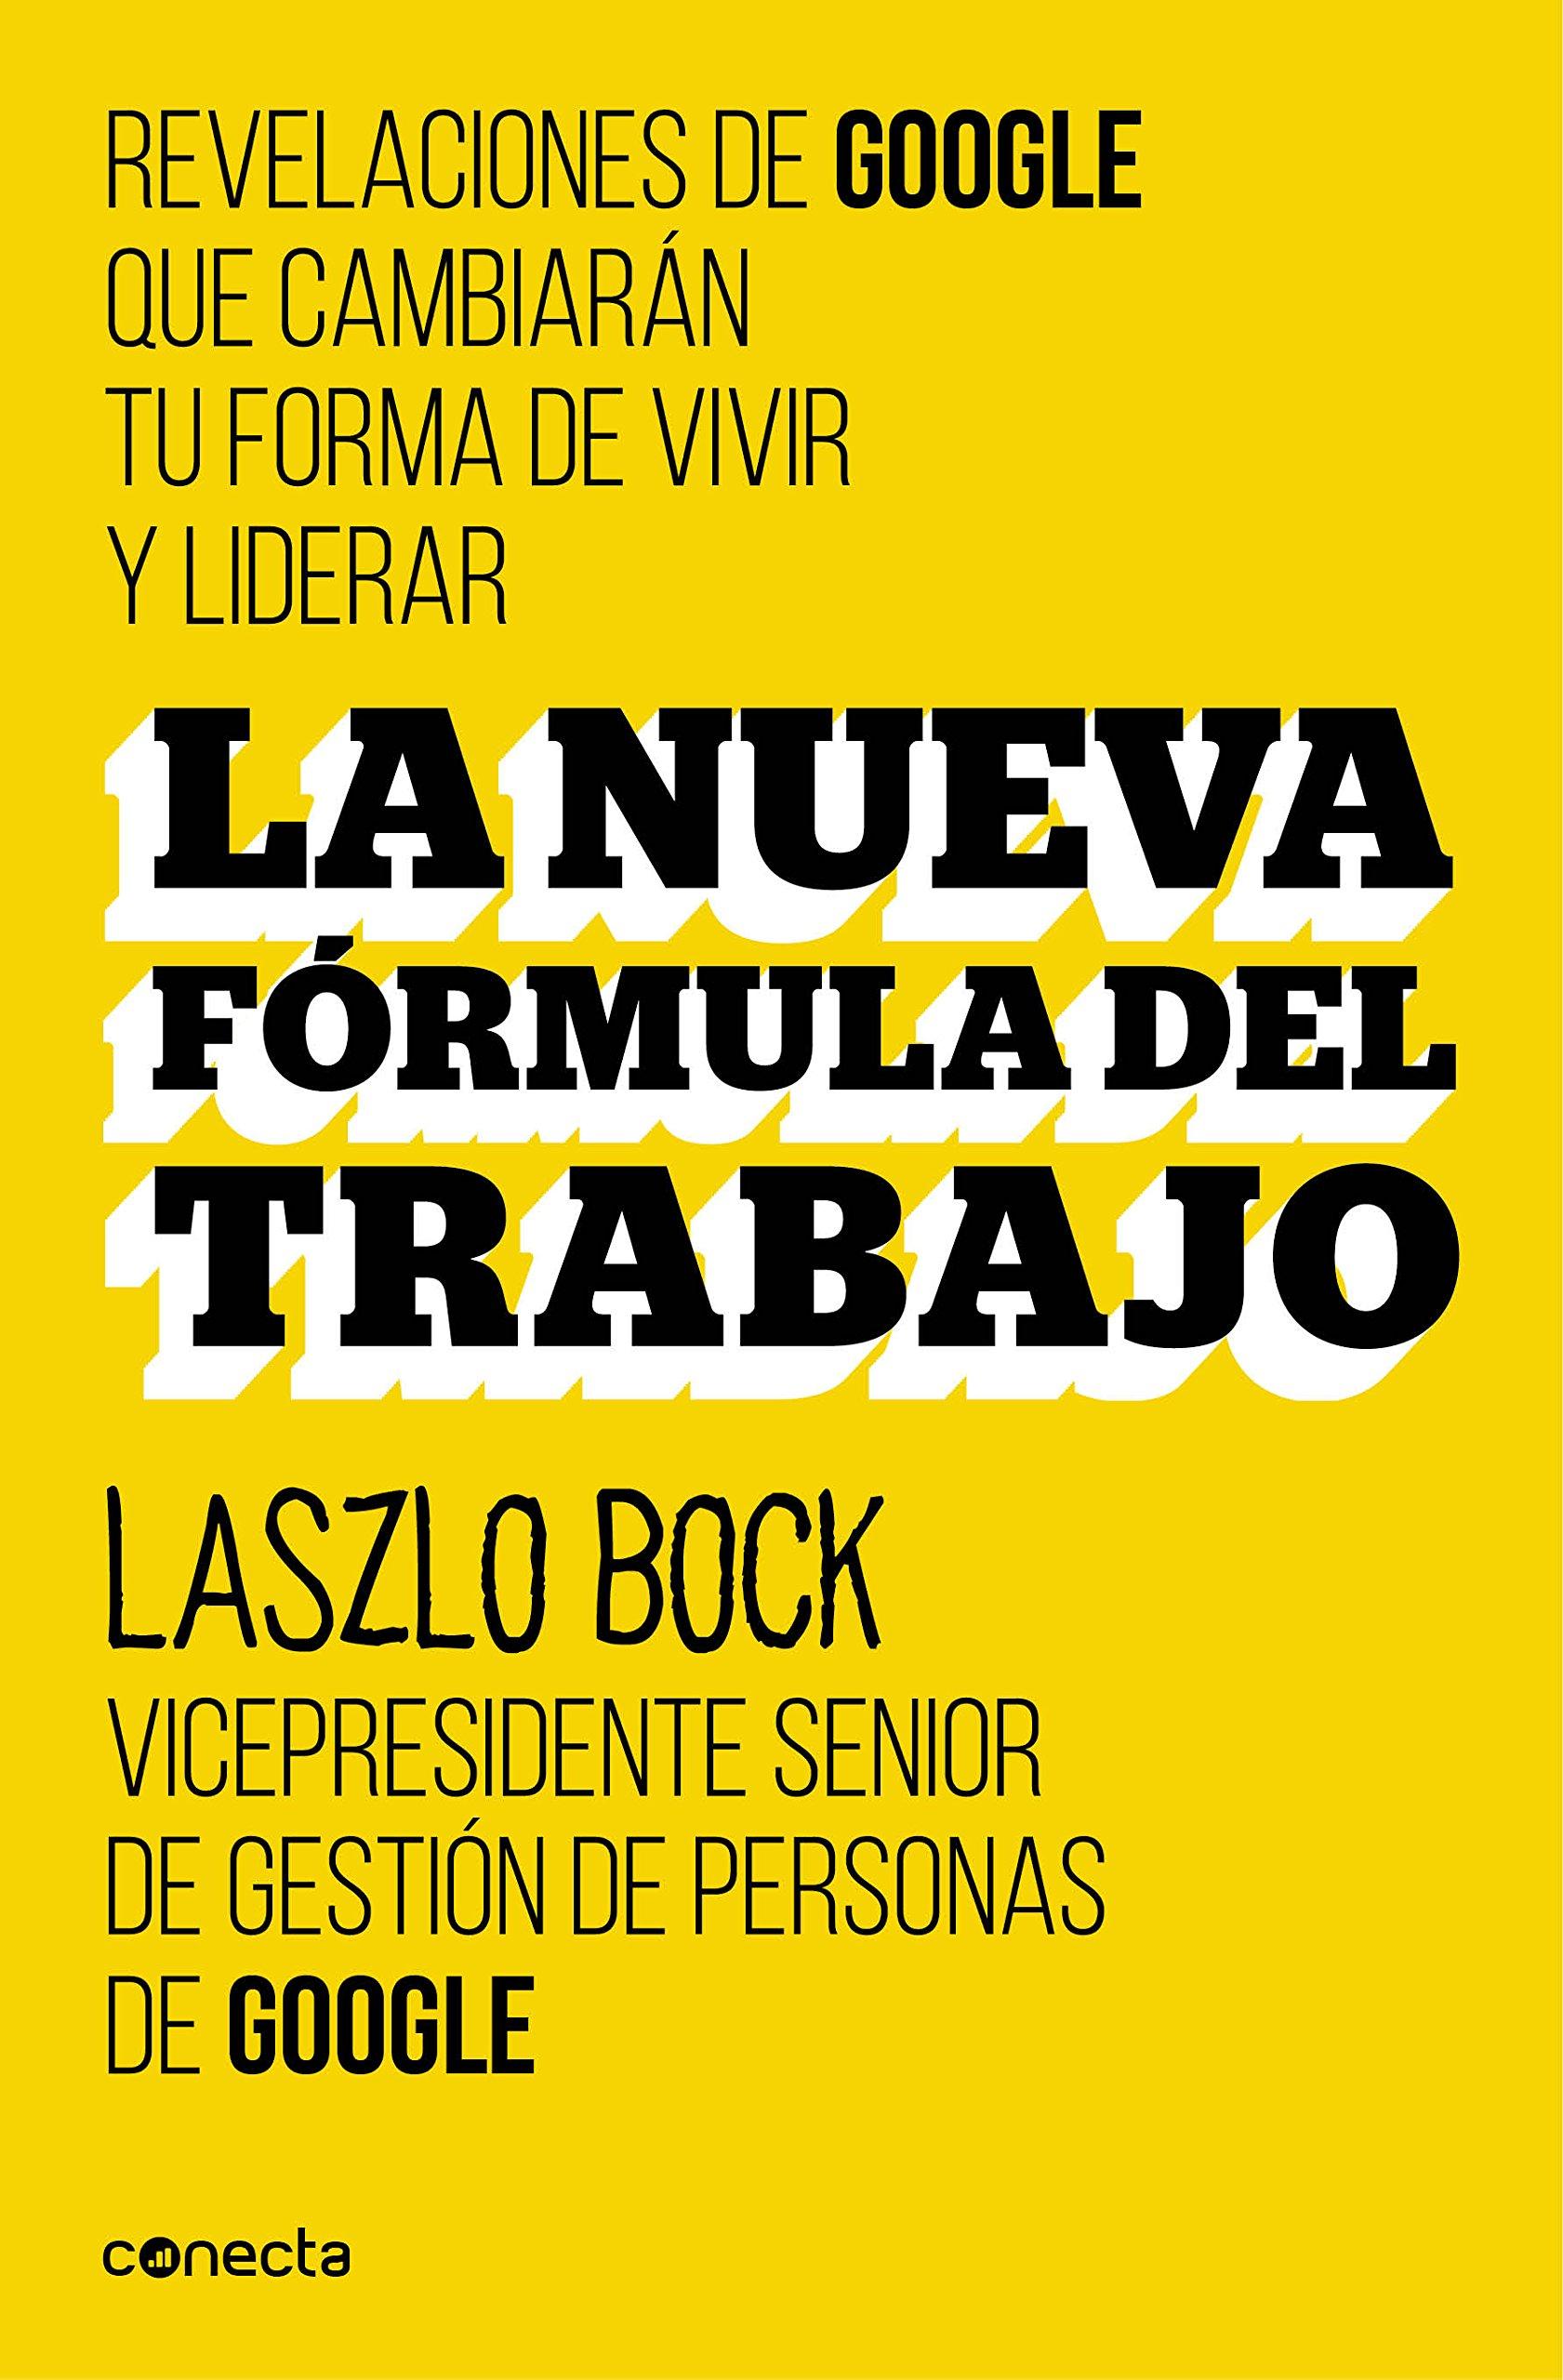 La nueva fórmula del trabajo: Revelaciones de Google que cambiarán su forma de vivir y liderar (Spanish Edition)